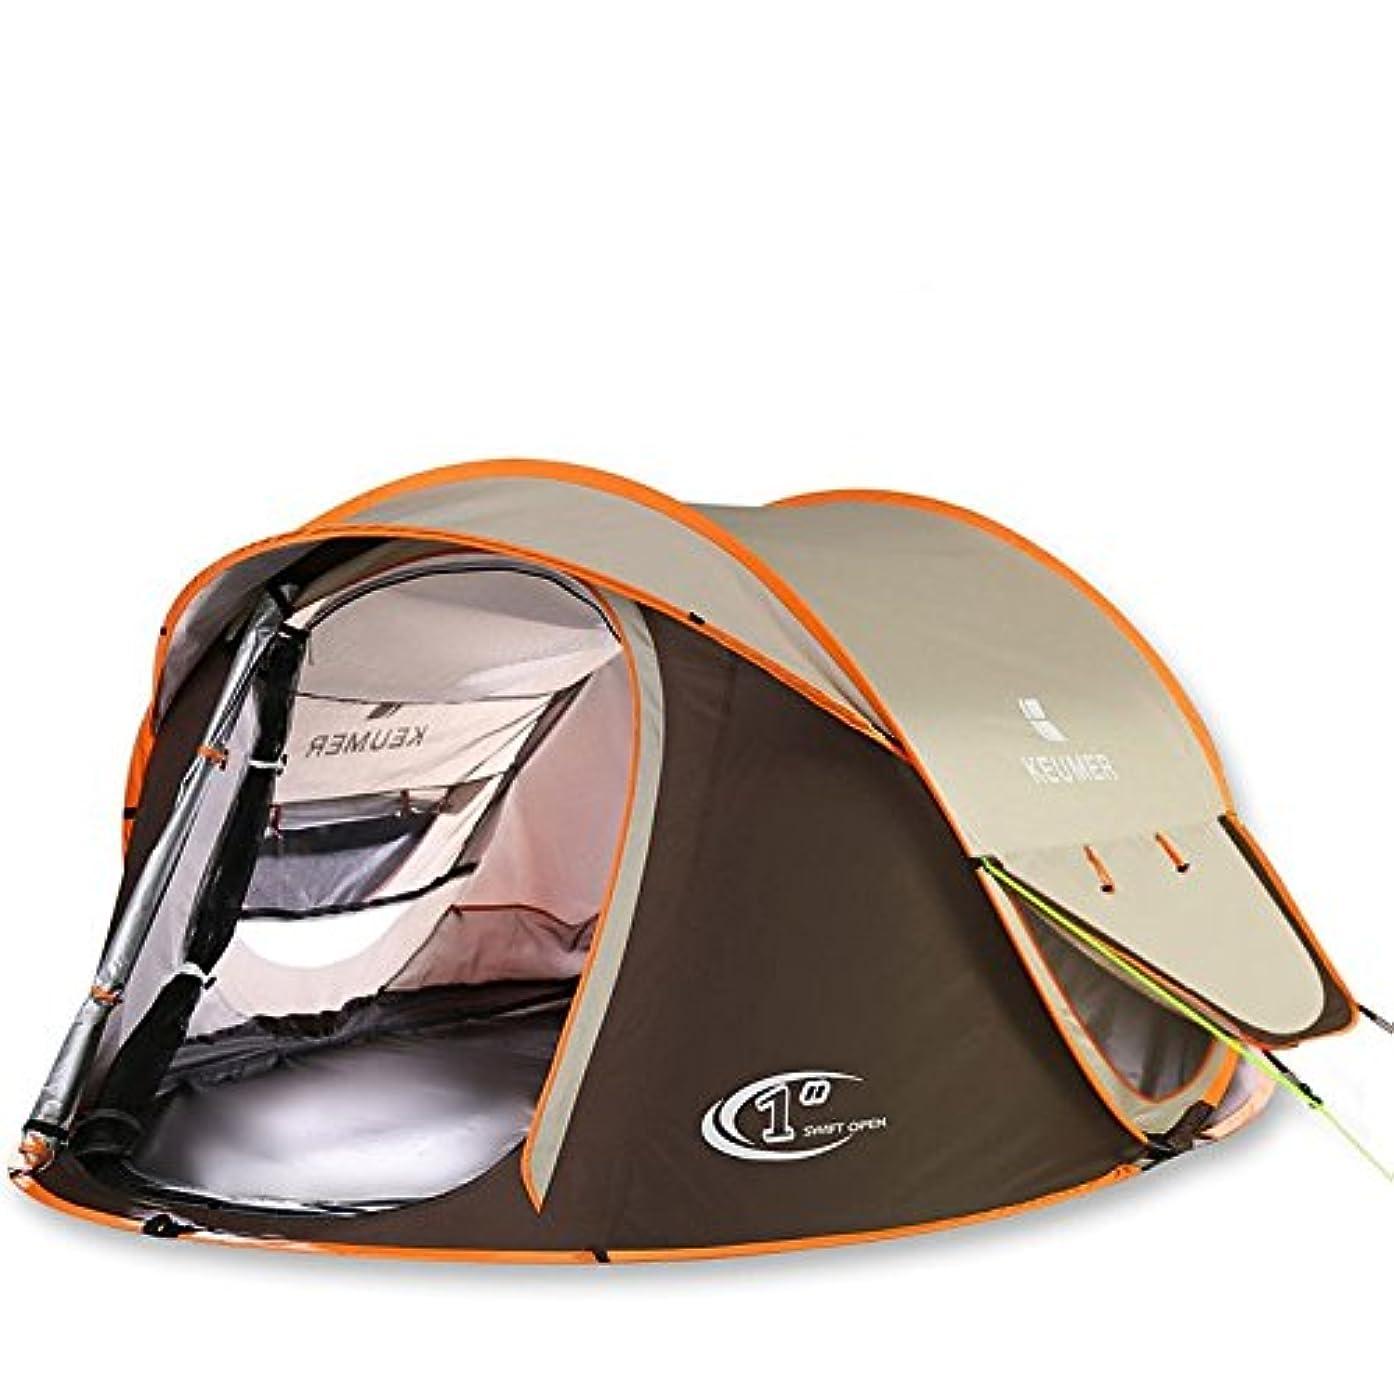 ジェットフローティング排除Wppolika 3?4人屋外用キャンプテント自動テント高速キャンプ用キャンプ用品防水、防雨、耐紫外線、広いスペース、強力な安定性